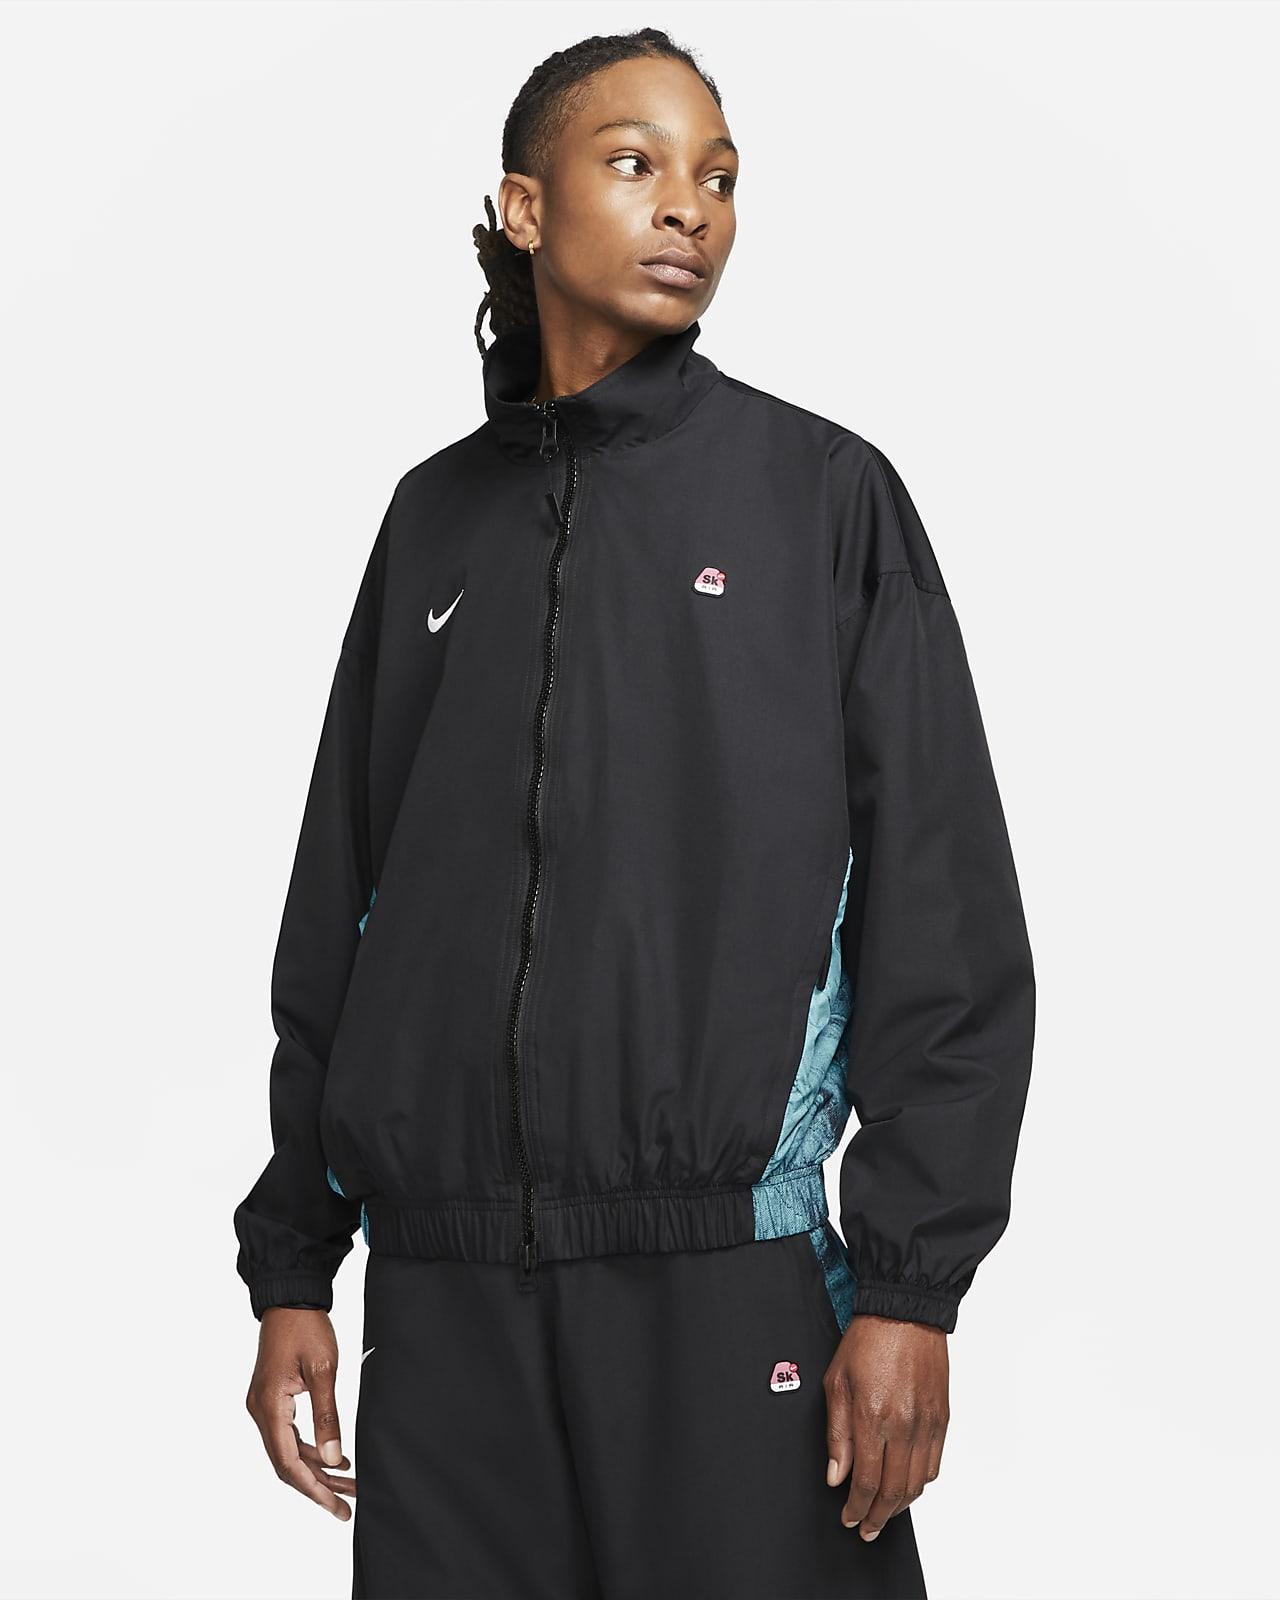 Nike x Skepta Men's Track Jacket